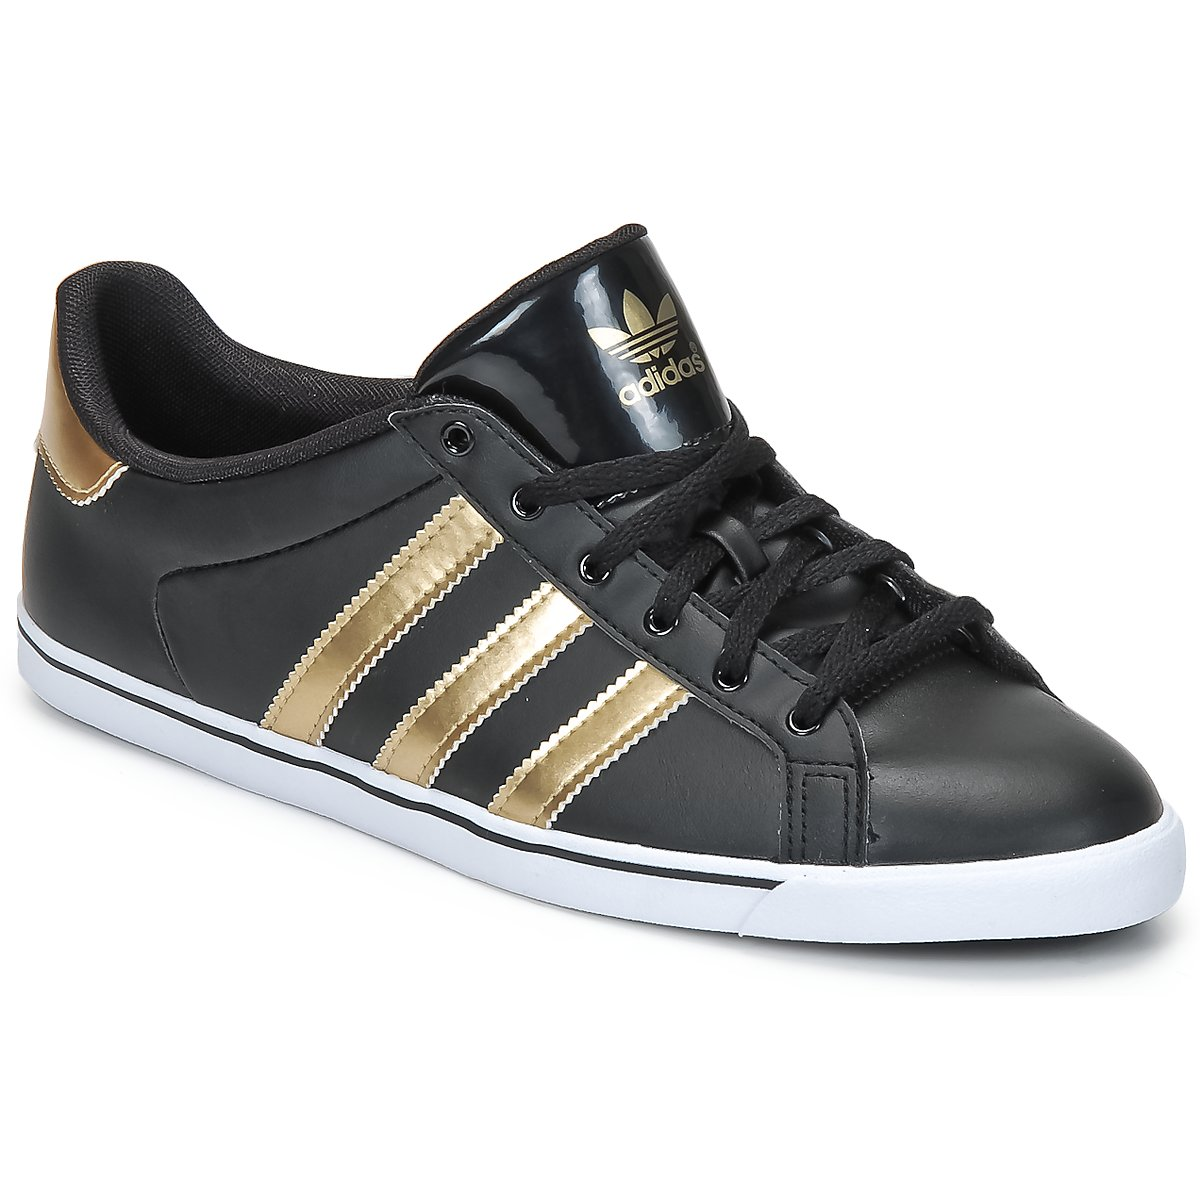 Deportivas bajas adidas Originals COURT STAR SLIM W Negro / 1- METALICO / _ - Entrega gratuita con Spartoo.es ! - Zapatos Mujer 75,00 €